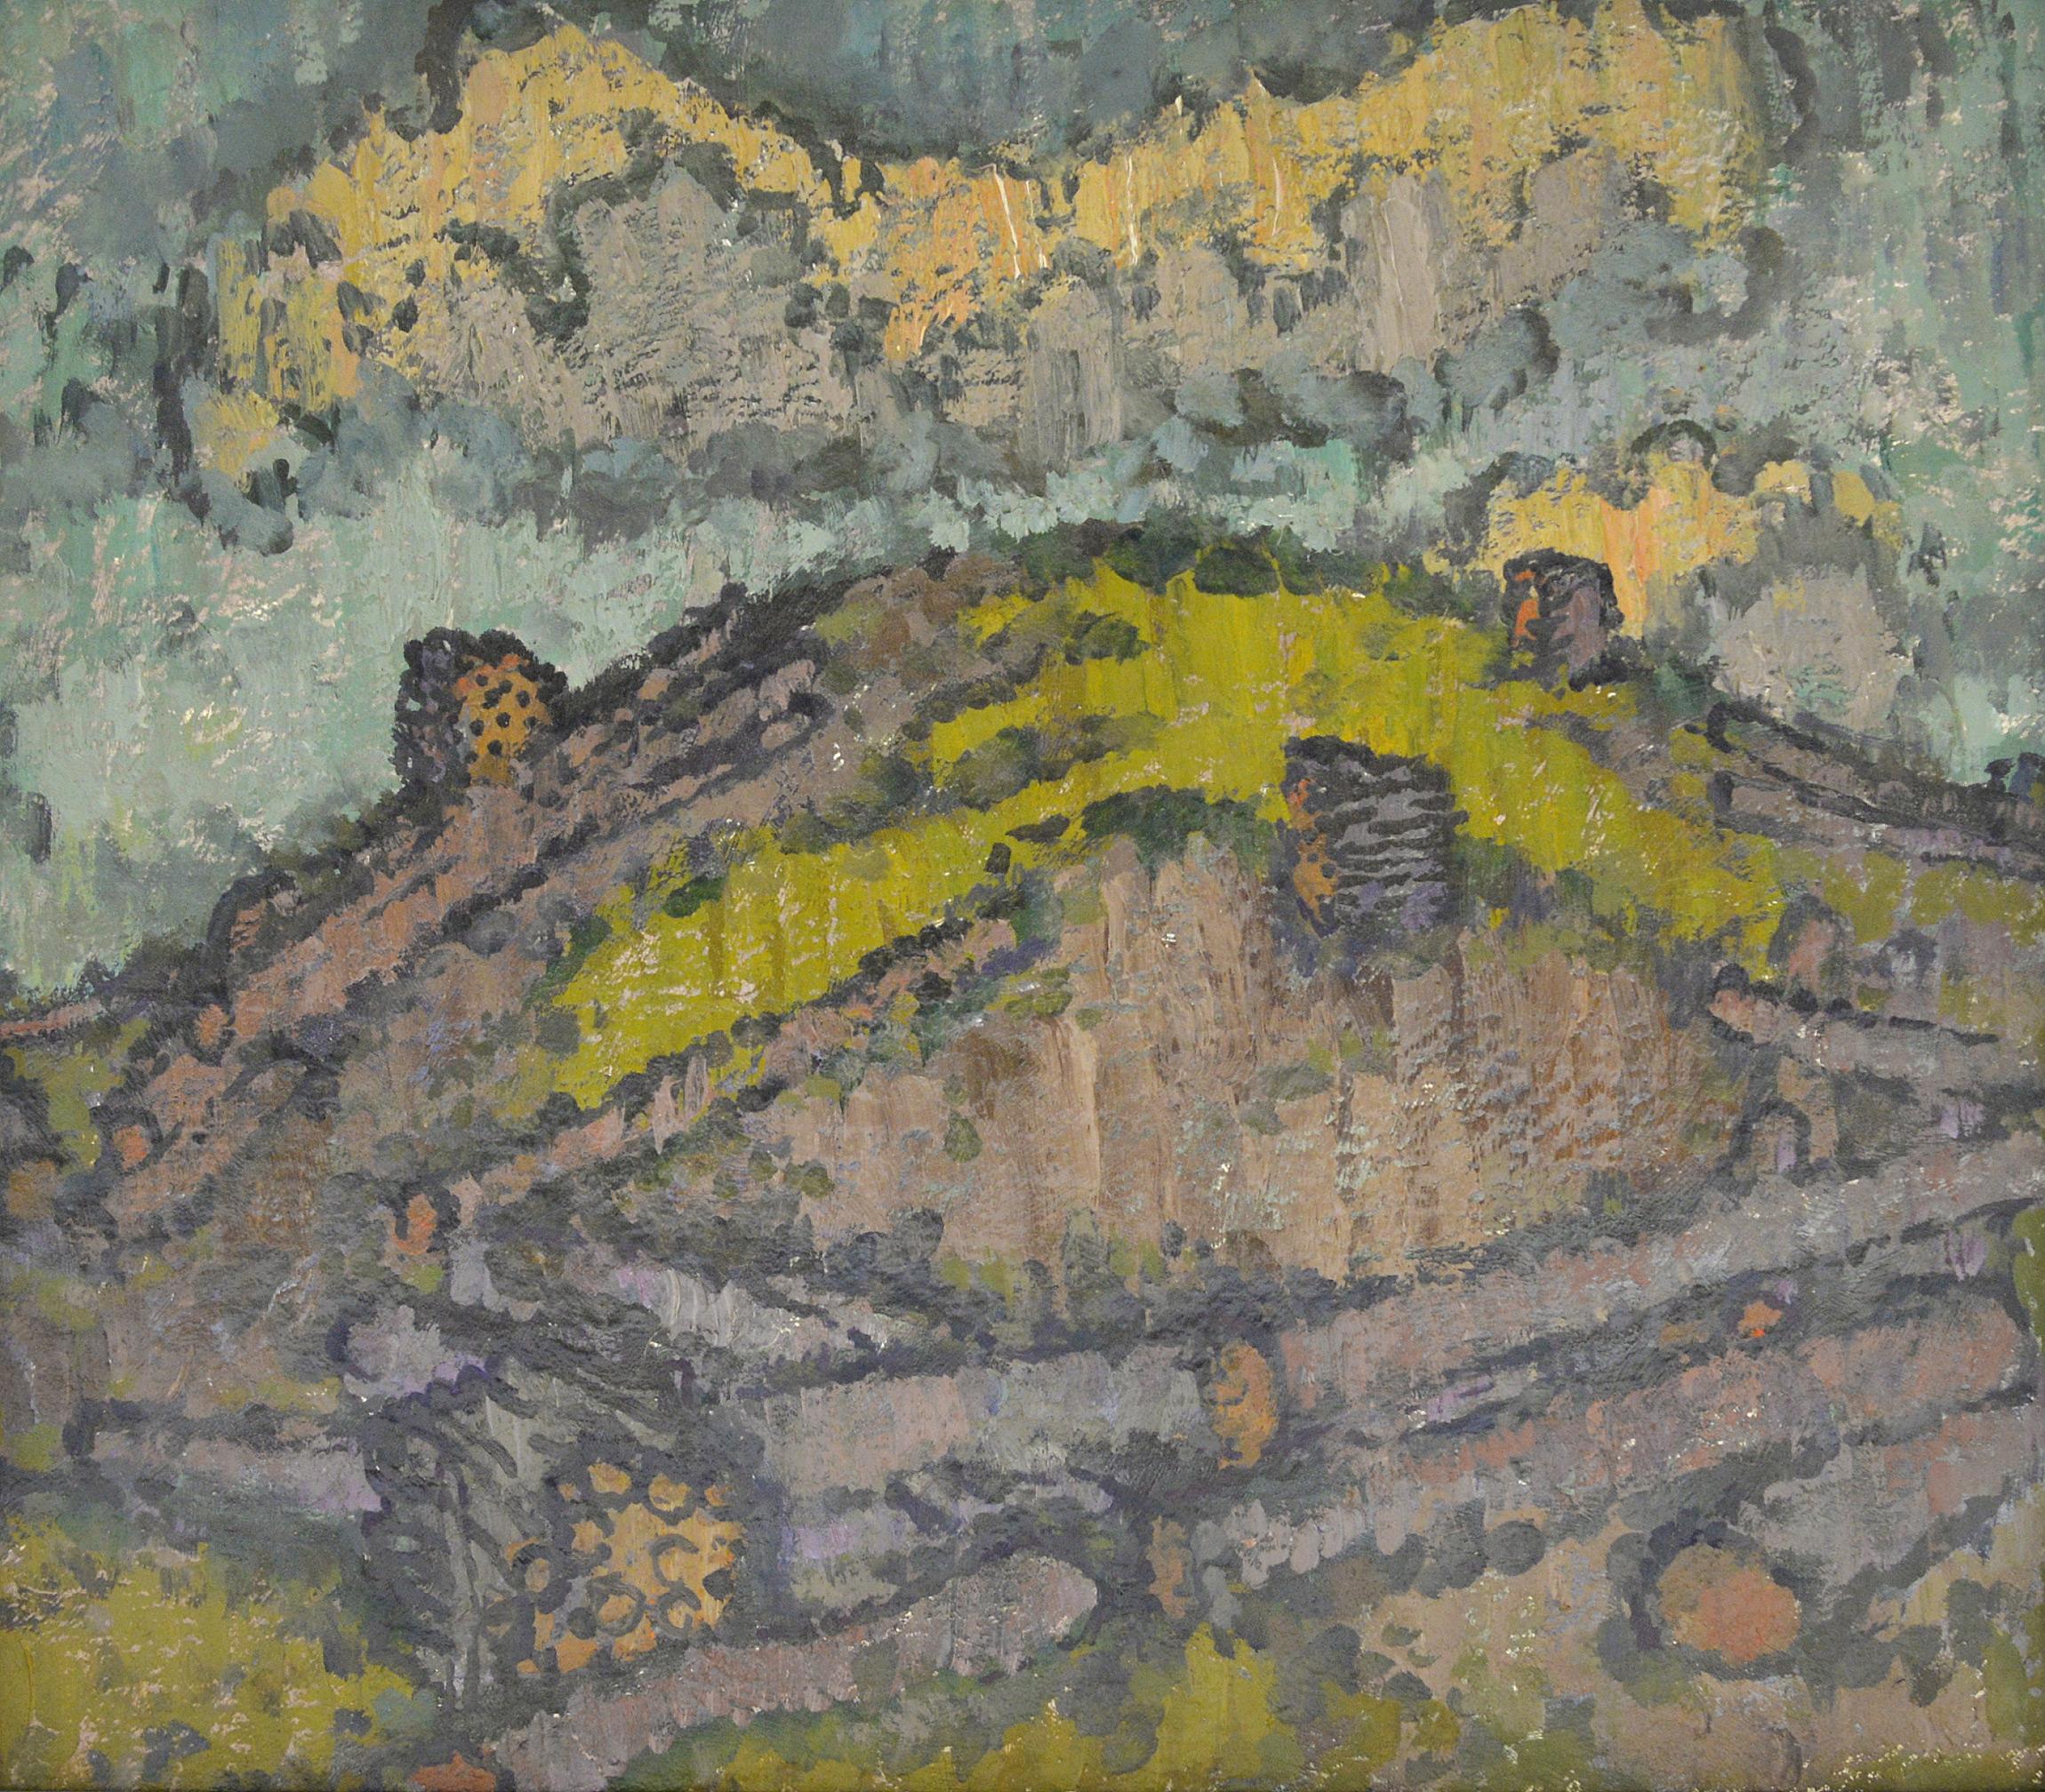 © Otto Manigk, Malerei, aus der Sammlung der Kunsthalle Rostock